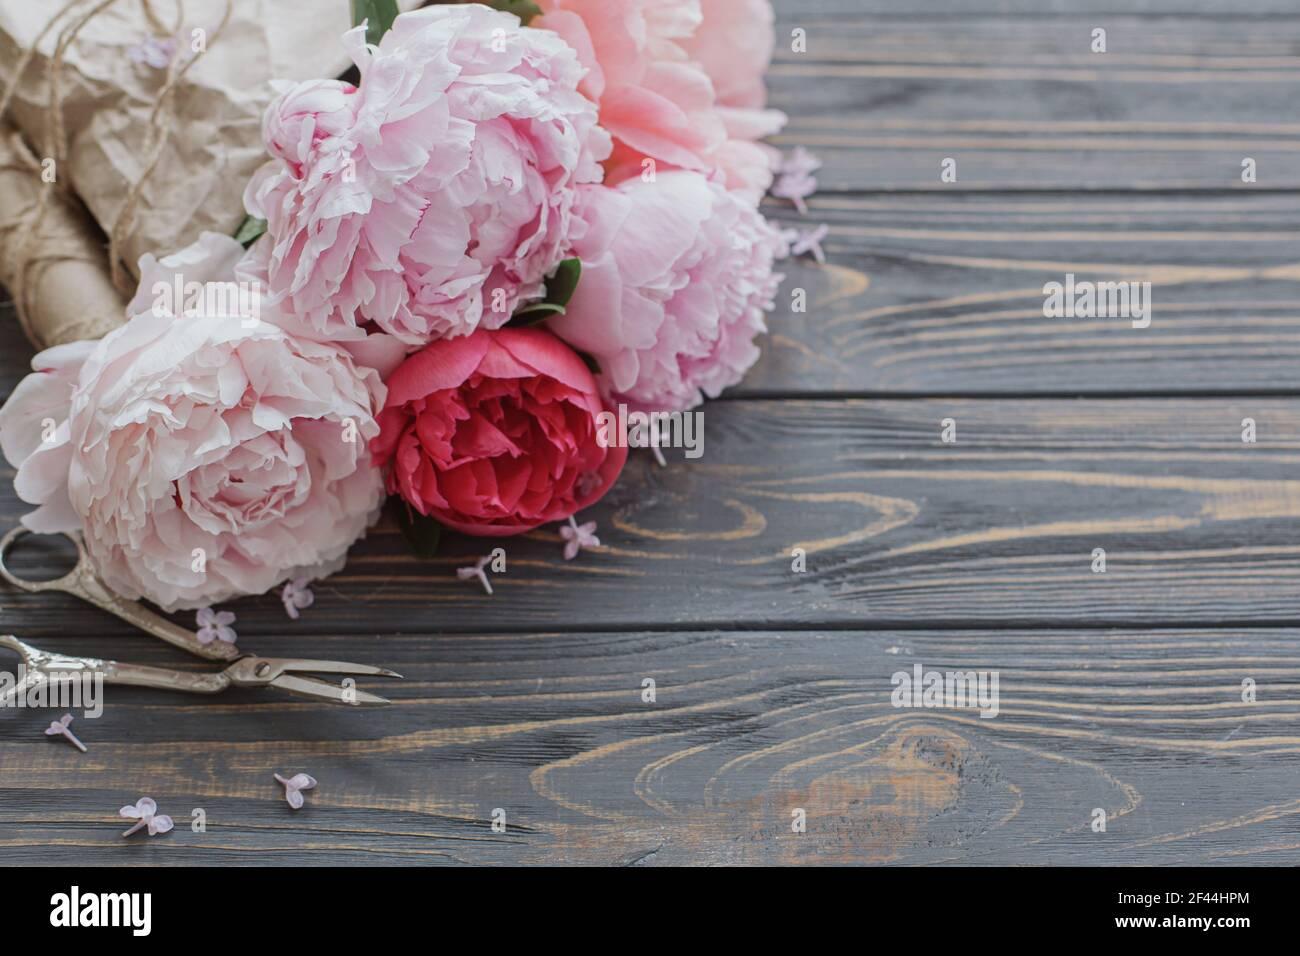 Magnifique bouquet de pivoines en papier, ficelle et ciseaux sur fond rustique en bois sombre, espace copie. Joyeux fête des mères salutations. Rose et blanc Banque D'Images